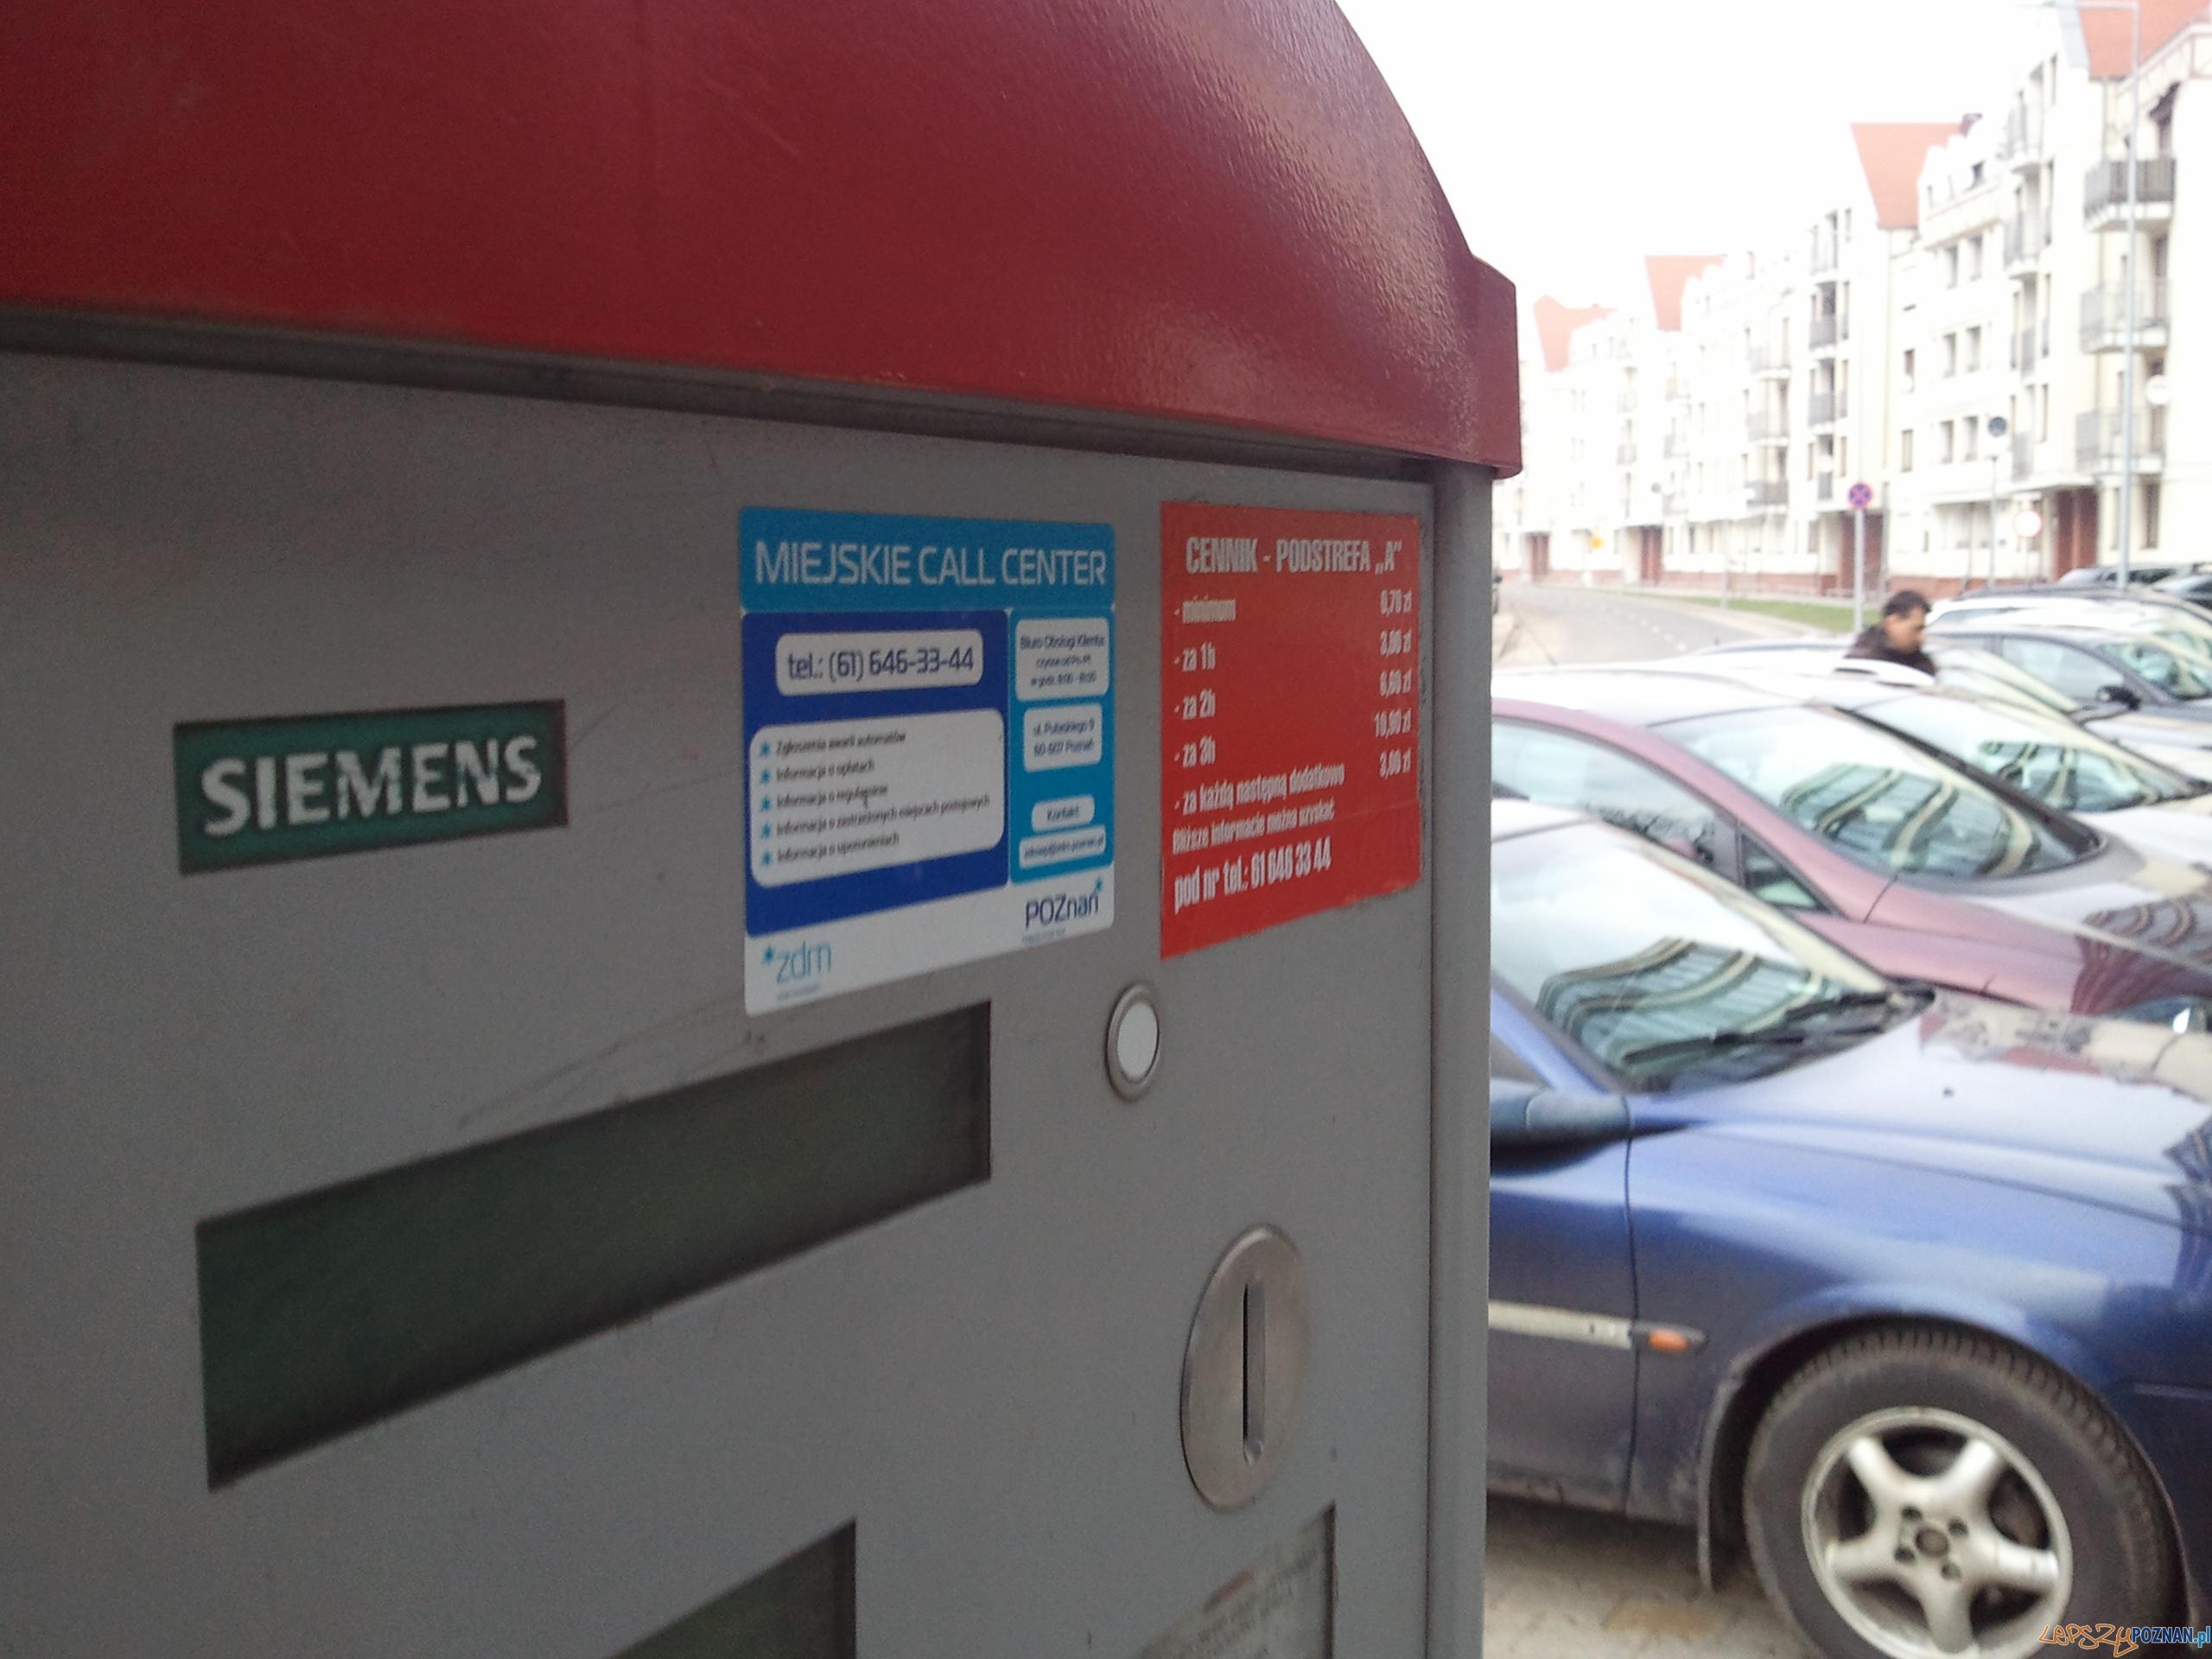 Parkomat  Foto: lepszyPOZNAN.pl / gsm